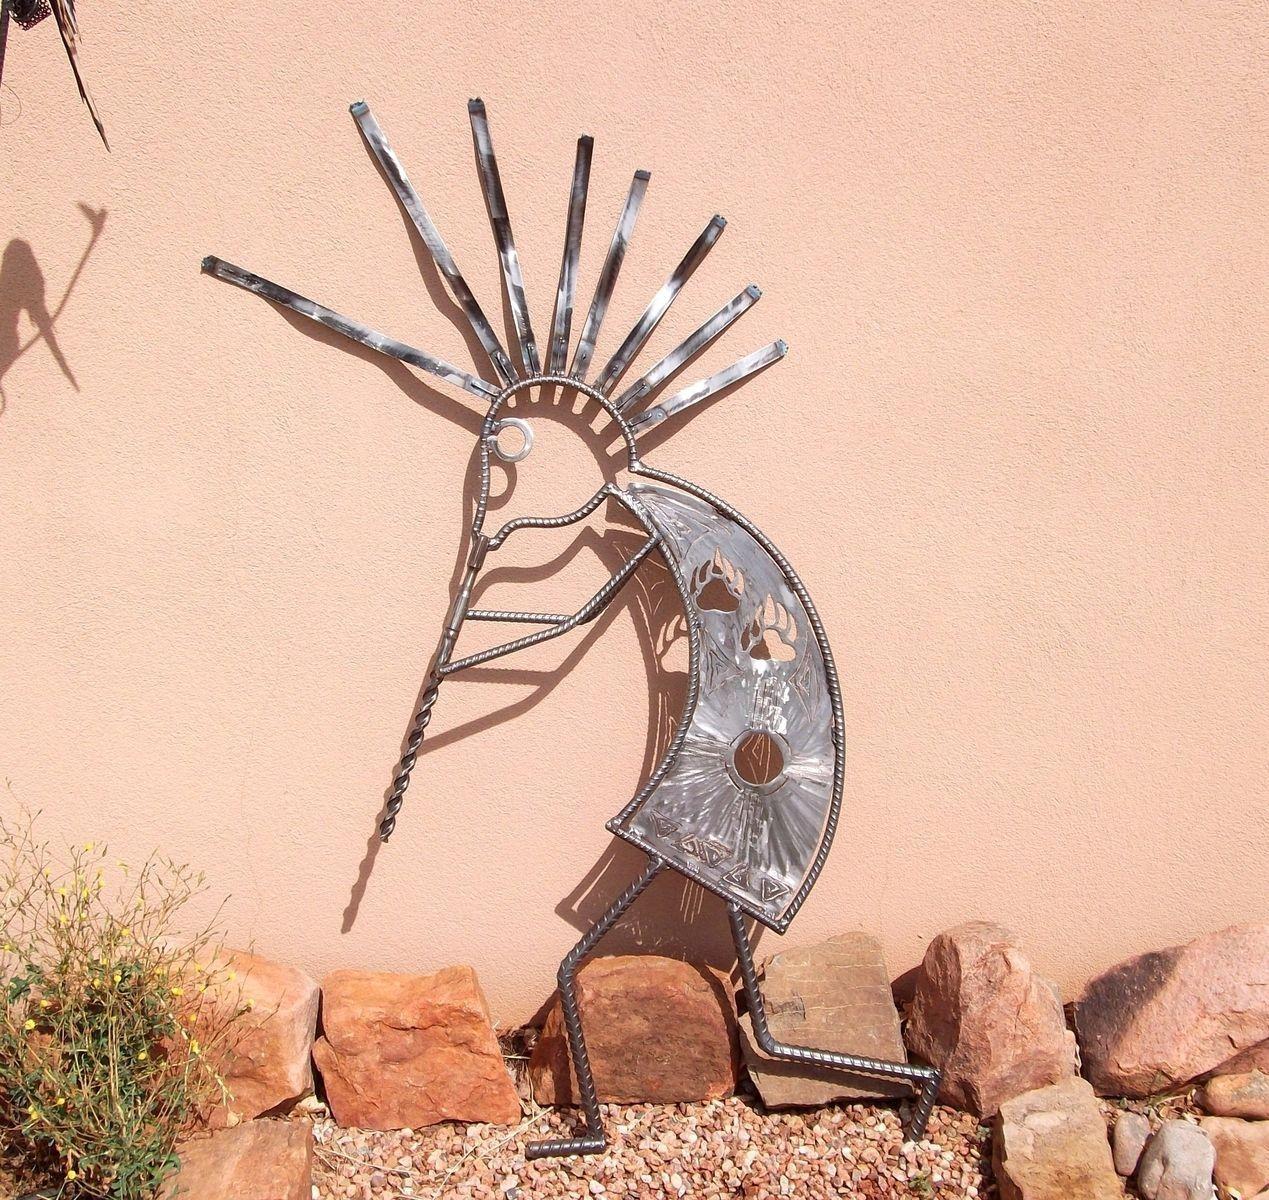 Handmade Garden Art, Home Decor,outdoor Sculpture Kokopelli Regarding Kokopelli Metal Wall Art (View 11 of 20)